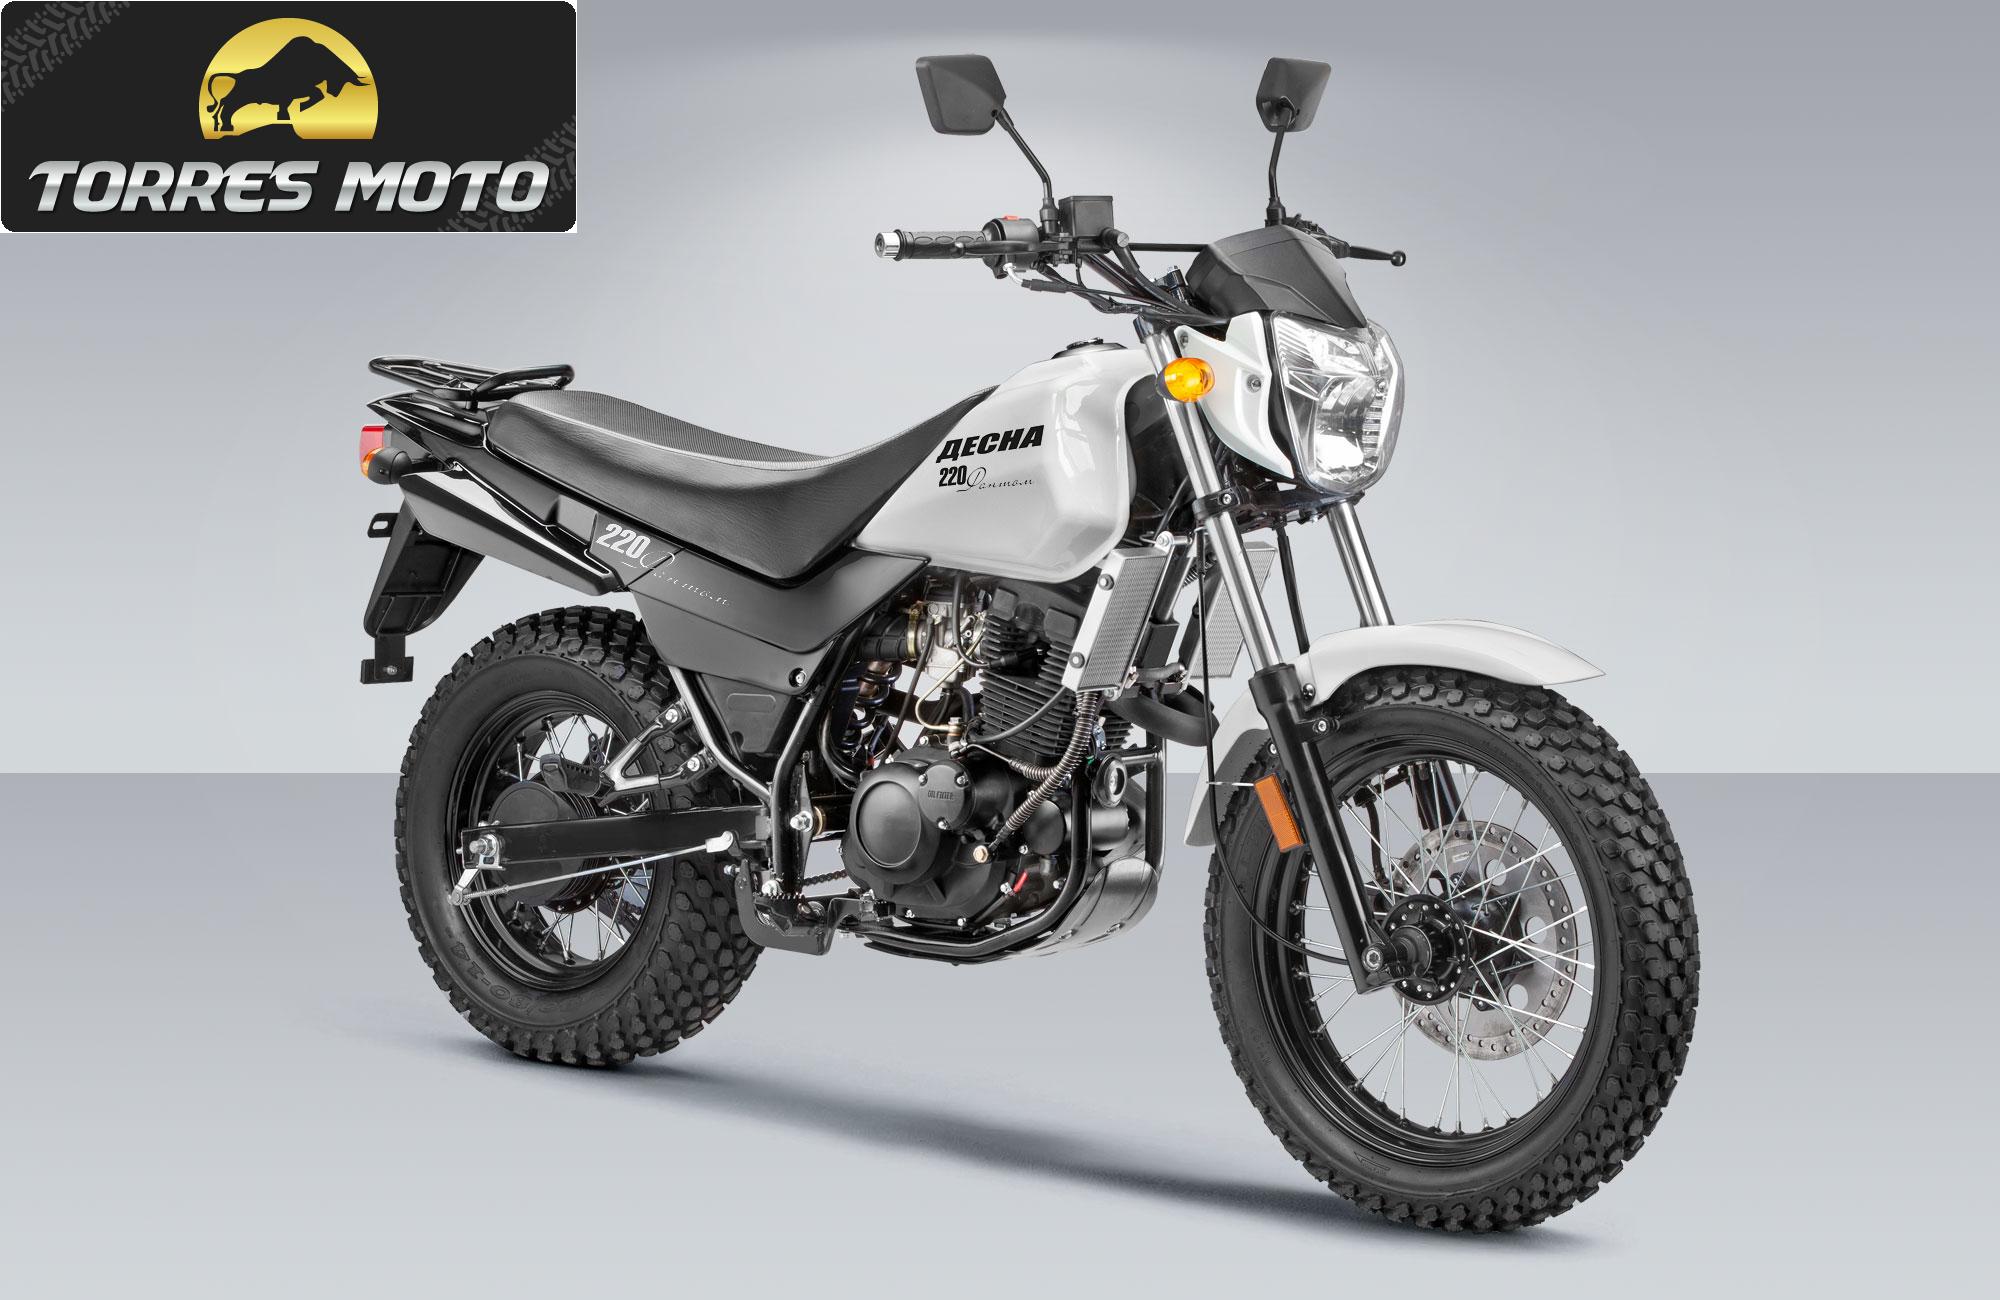 Продается мотоцикл STELS DESNA 220